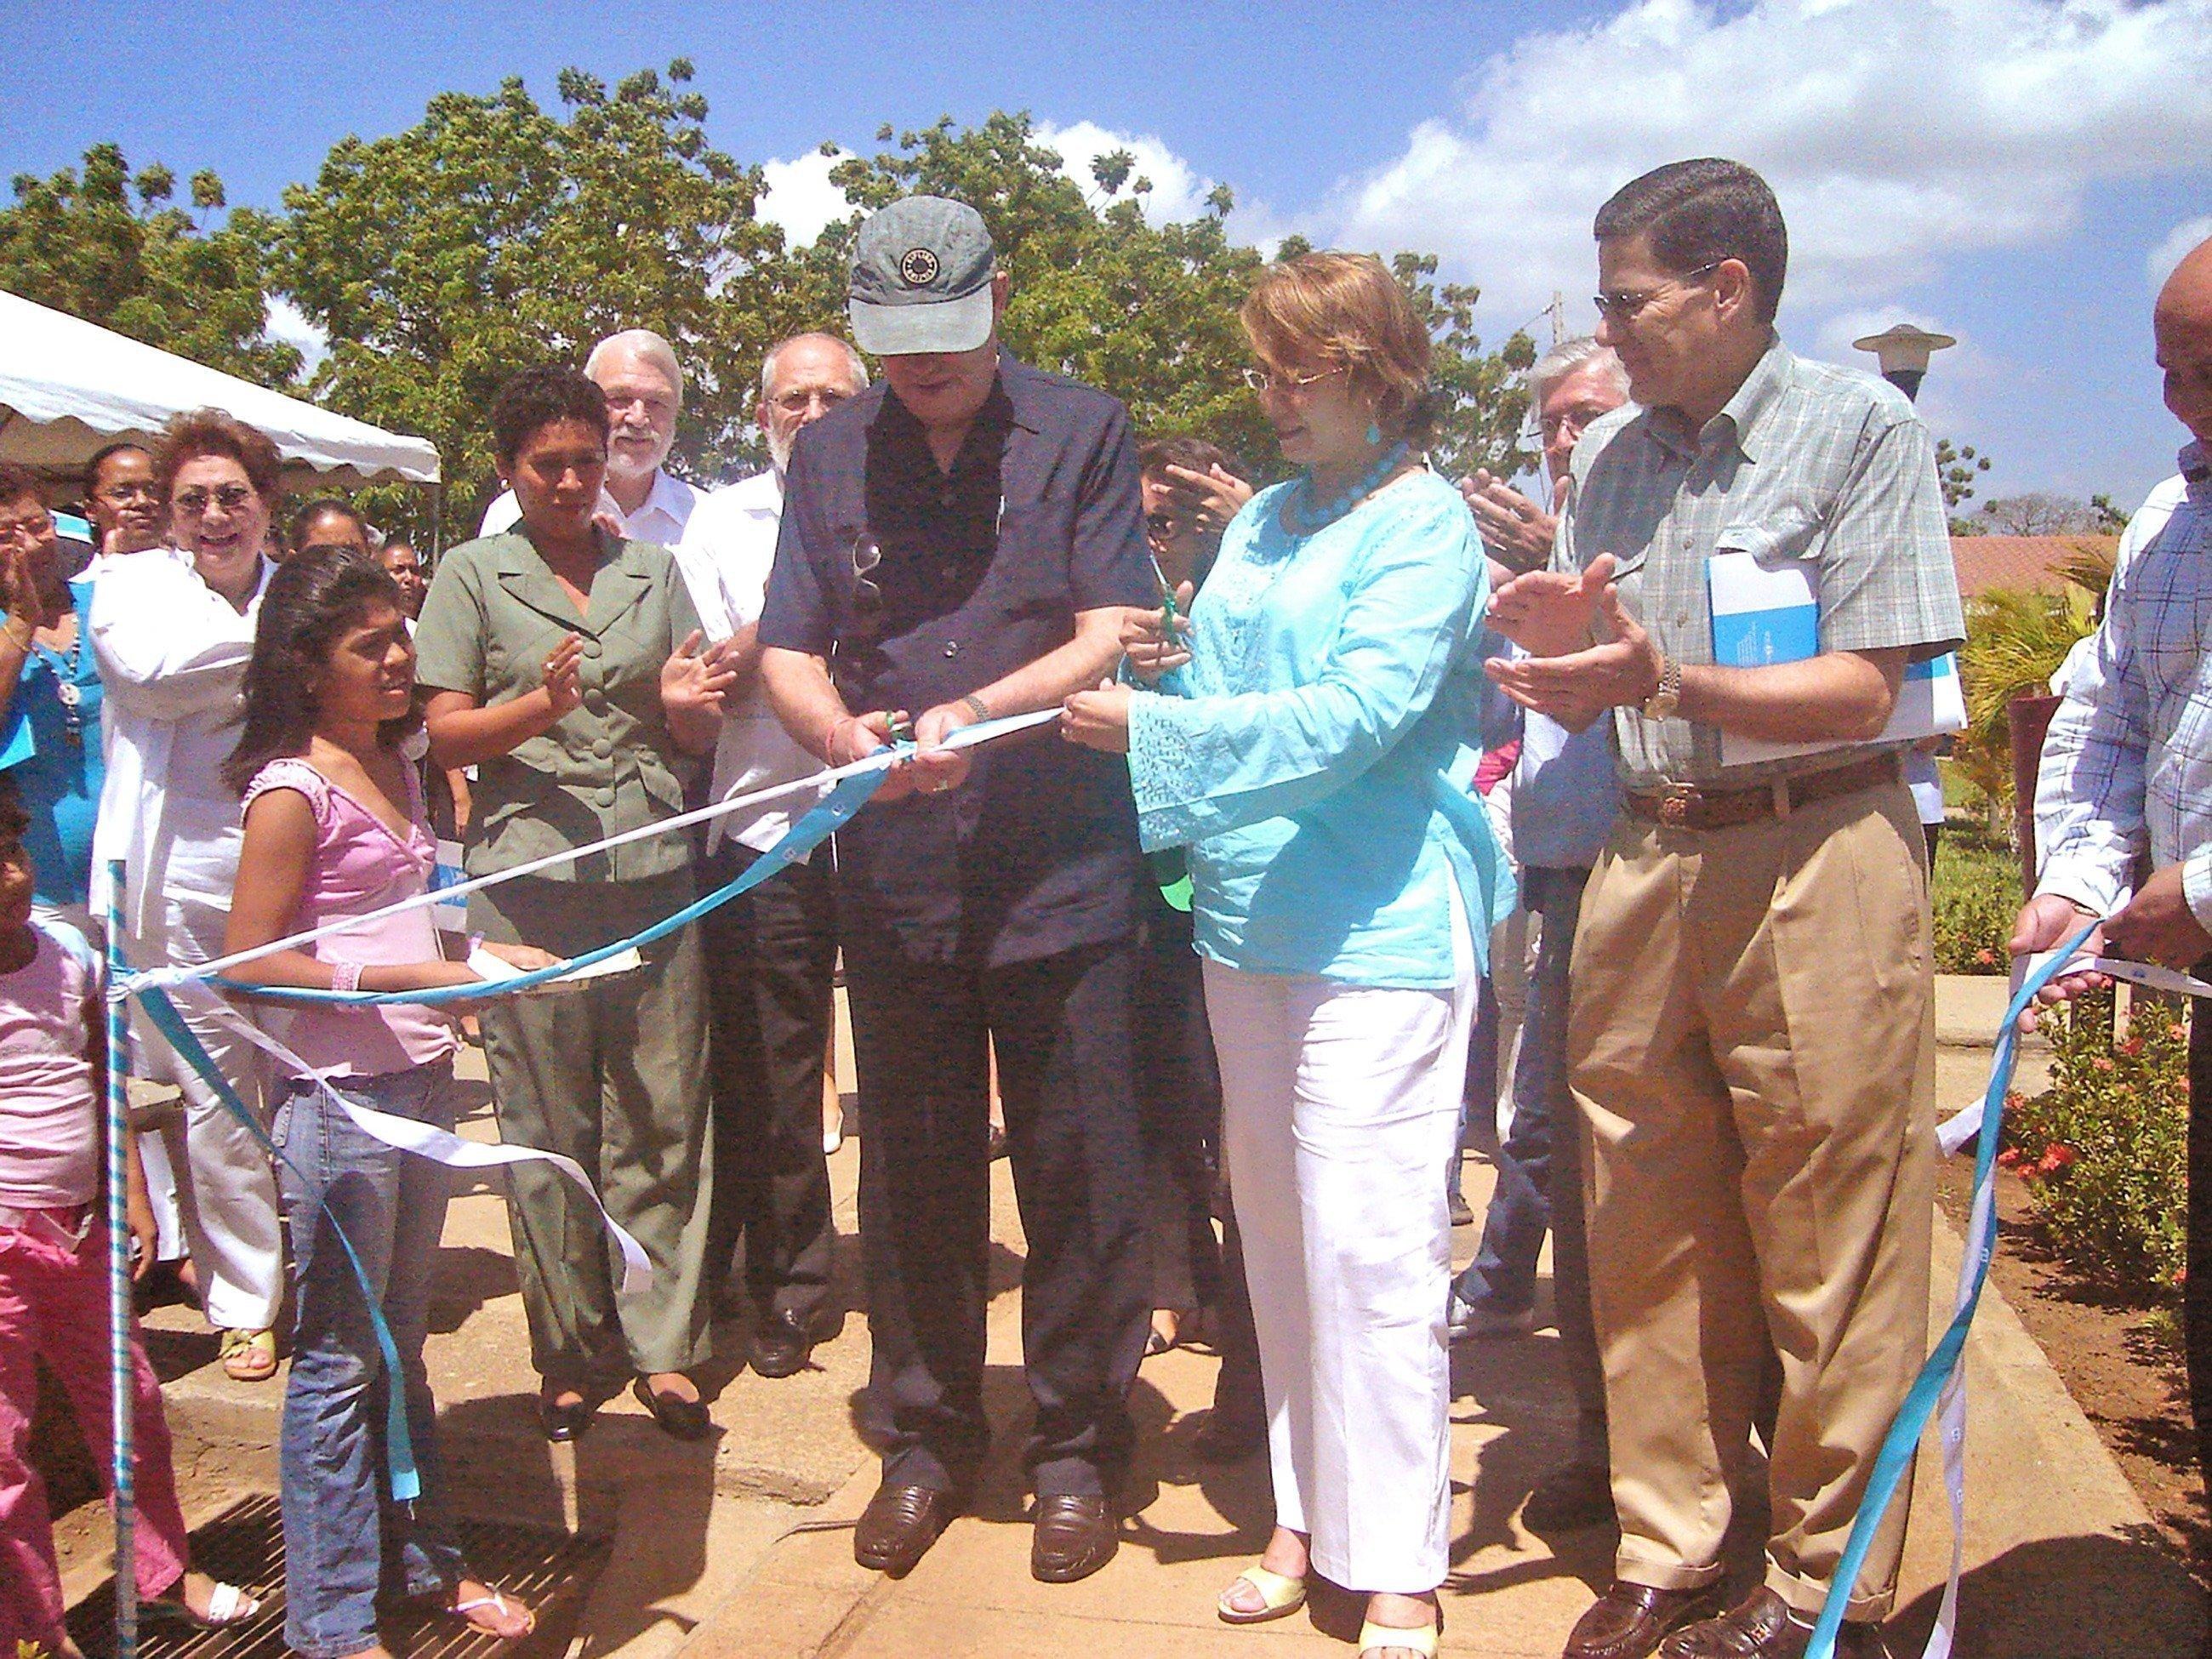 Un collaborateur de SOS Villages d'Enfants en train de couper le ruban à l'aide de ciseaux.